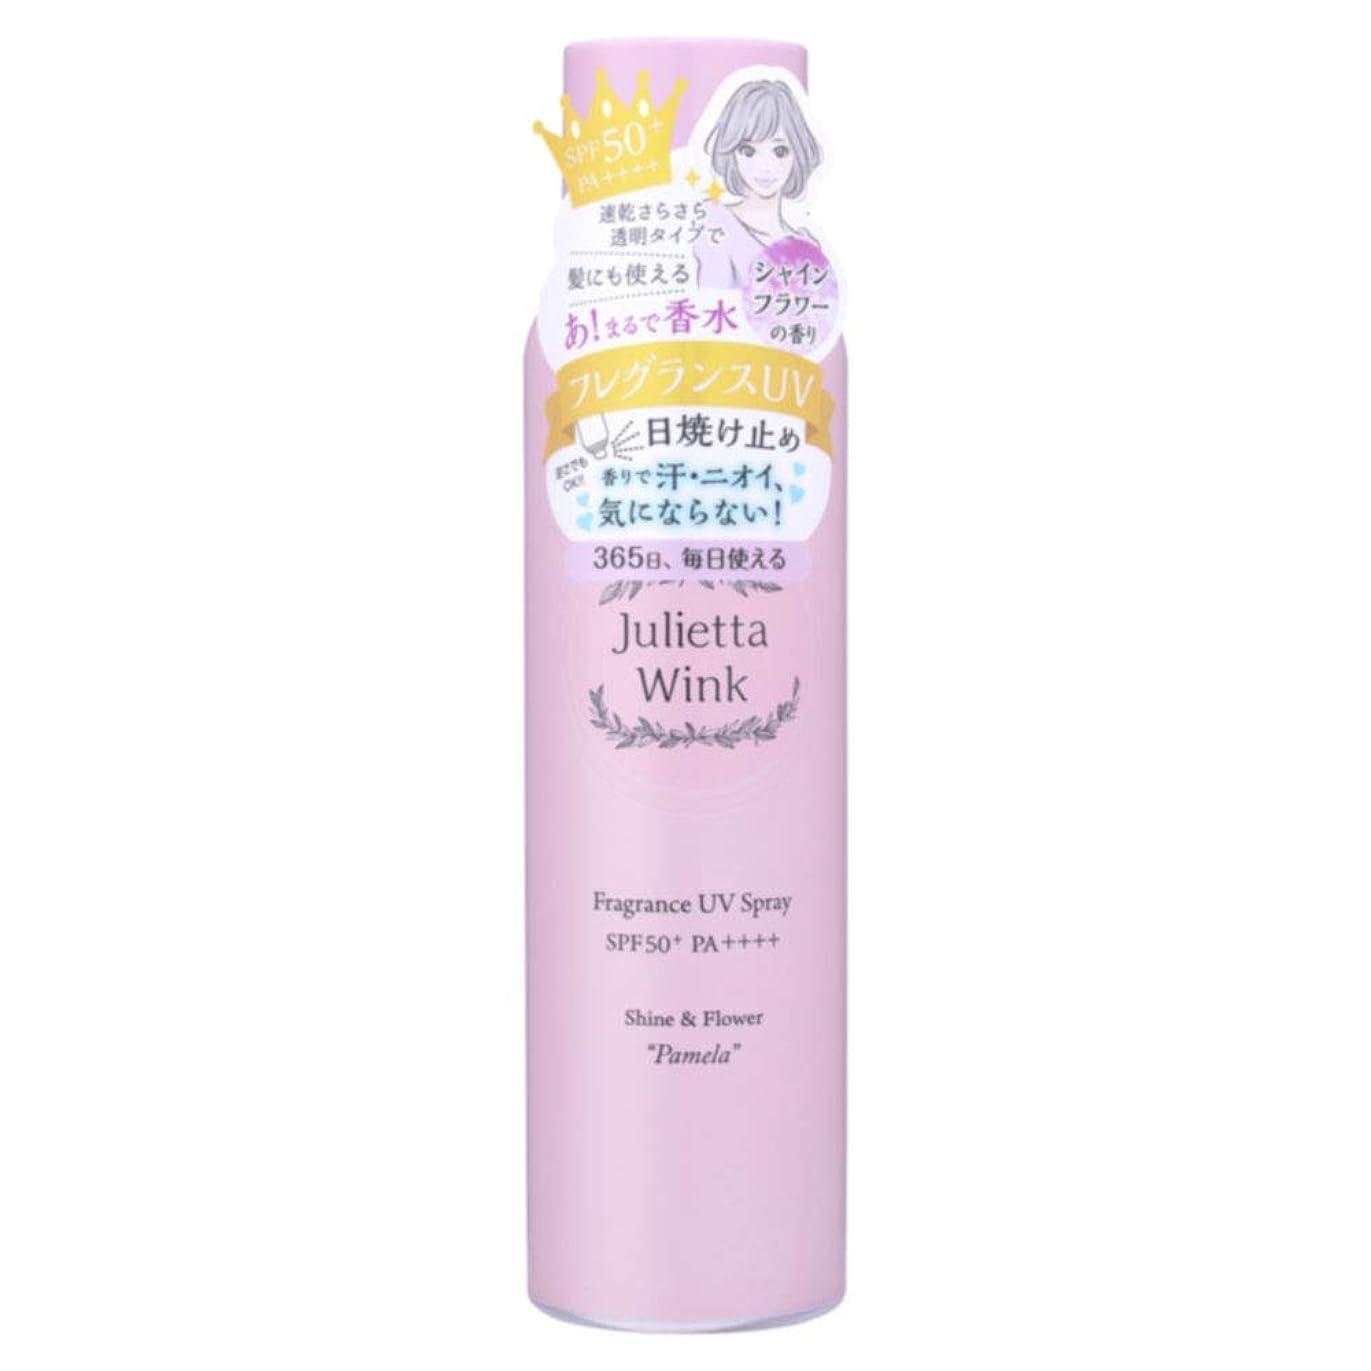 シルエット認証投票ジュリエッタウィンク フレグランス UVスプレー[パメラ]100g シャインフラワーの香り(ピンク)